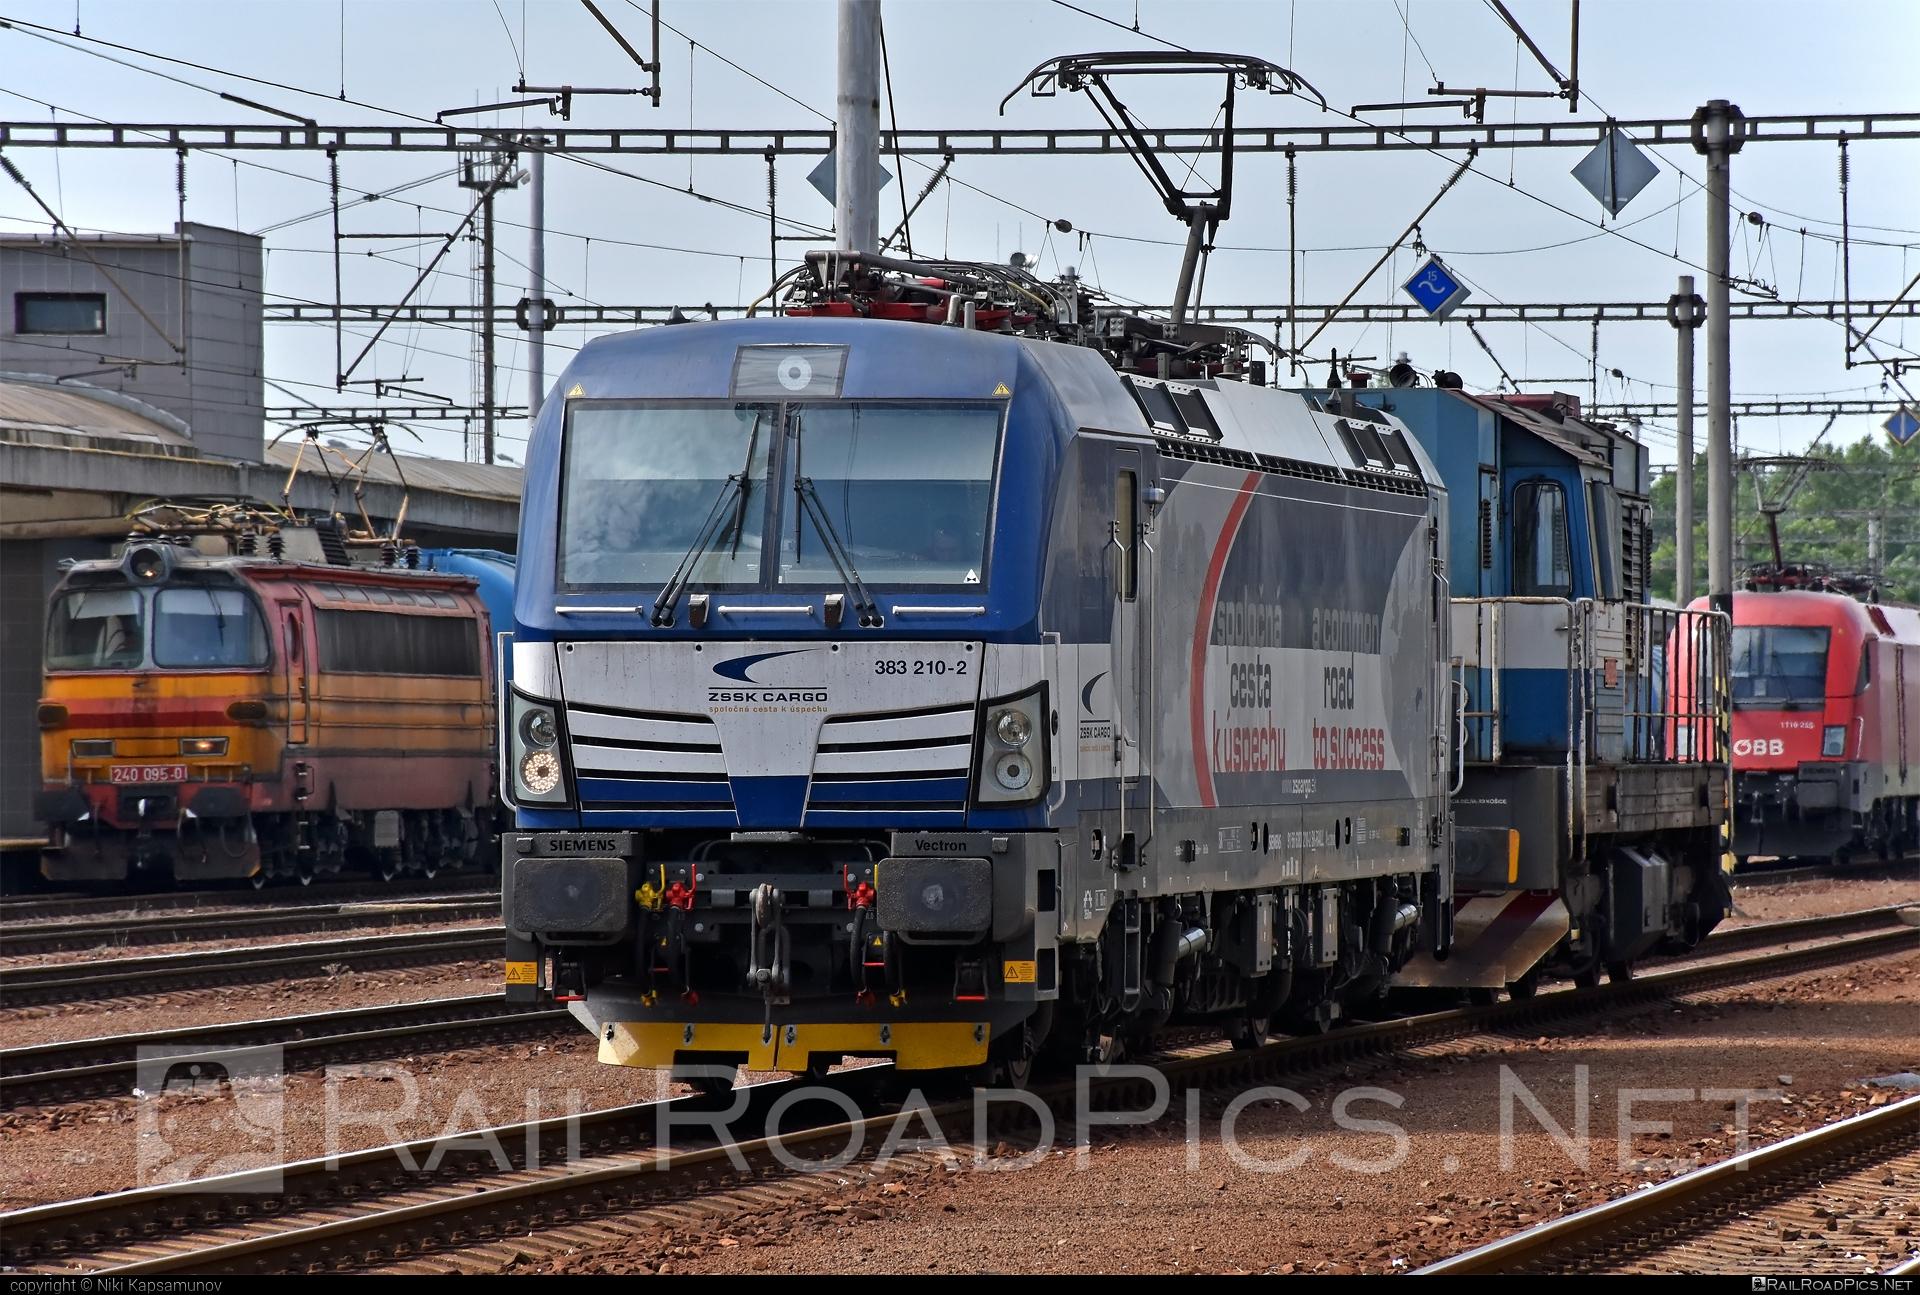 Siemens Vectron MS - 383 210-2 operated by Železničná Spoločnost' Cargo Slovakia a.s. #SRailLease #SRailLeaseSro #ZeleznicnaSpolocnostCargoSlovakia #raill #siemens #siemensvectron #siemensvectronms #vectron #vectronms #zsskcargo